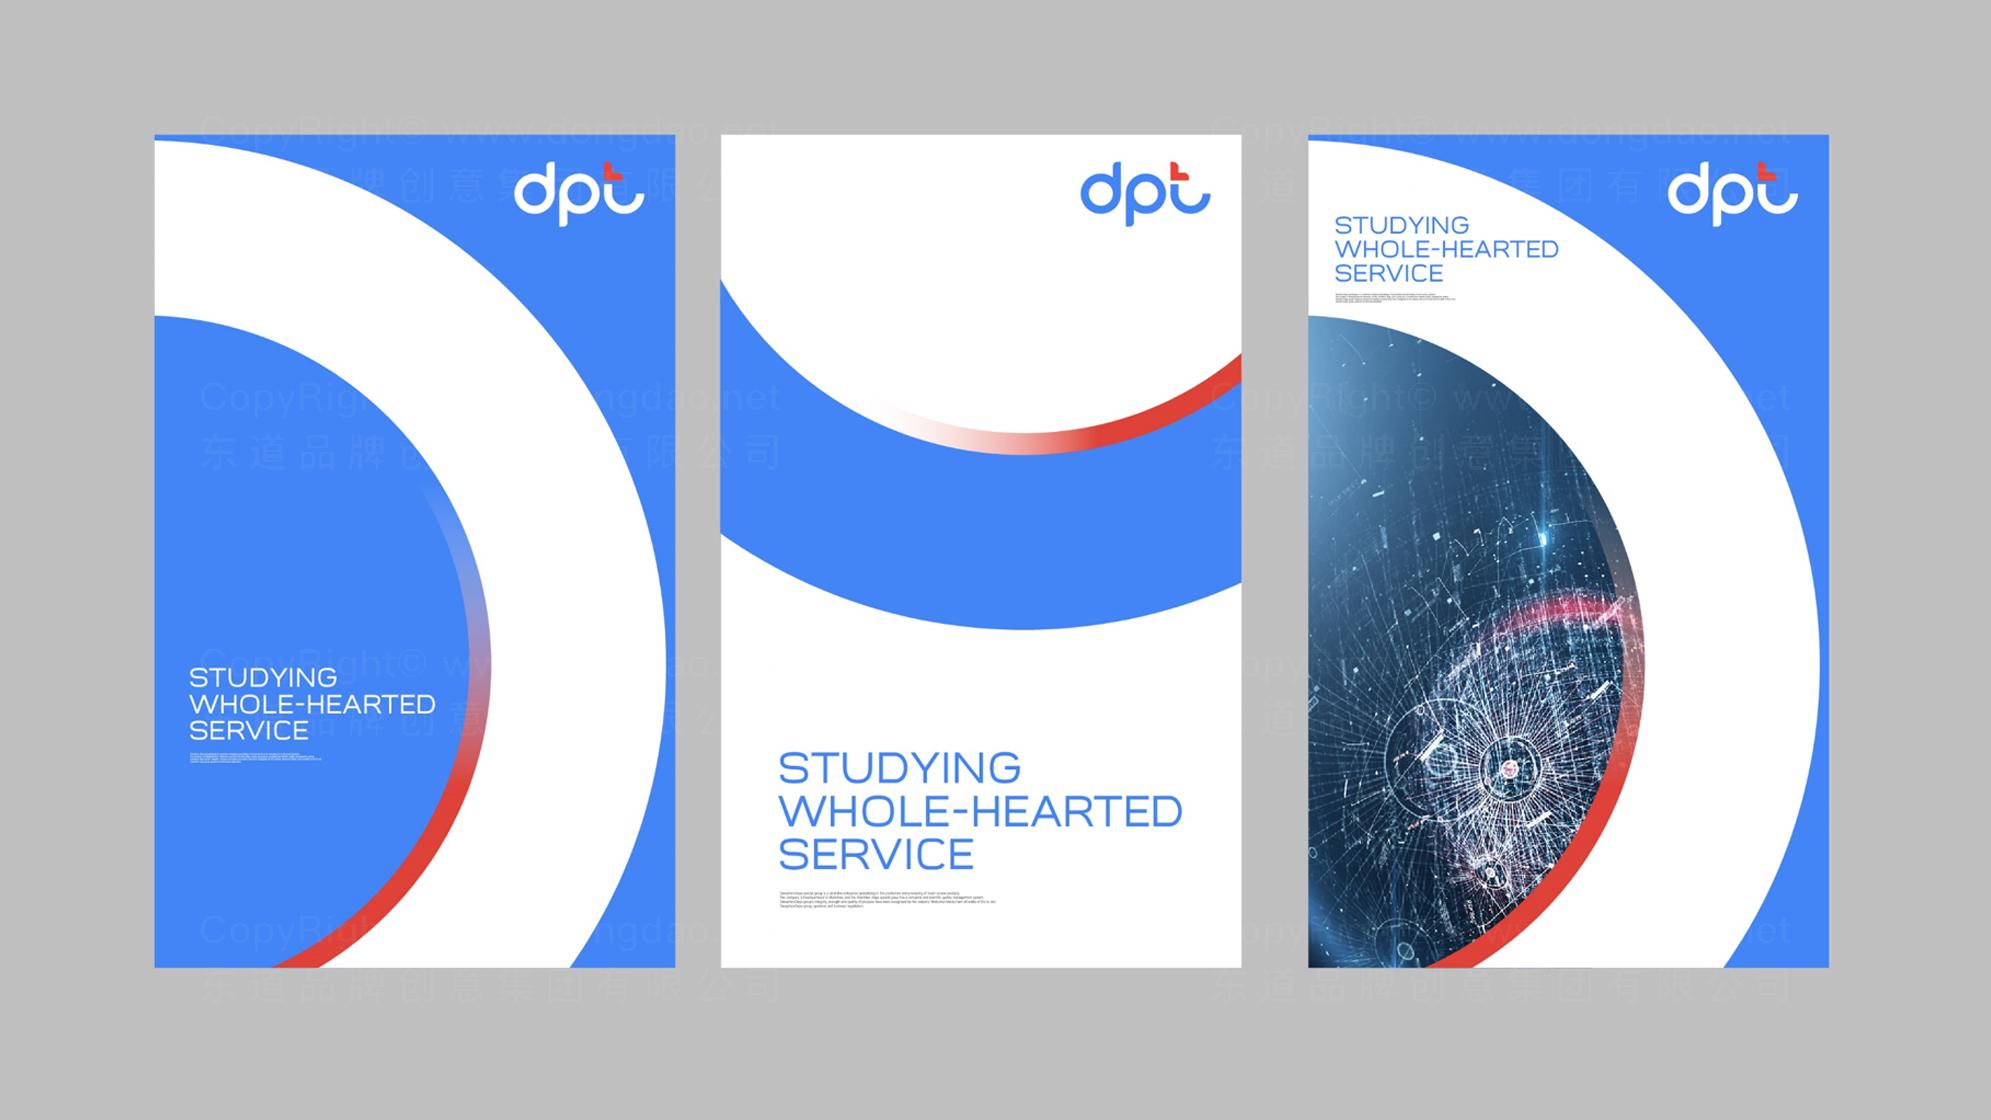 品牌设计德普特标志设计应用